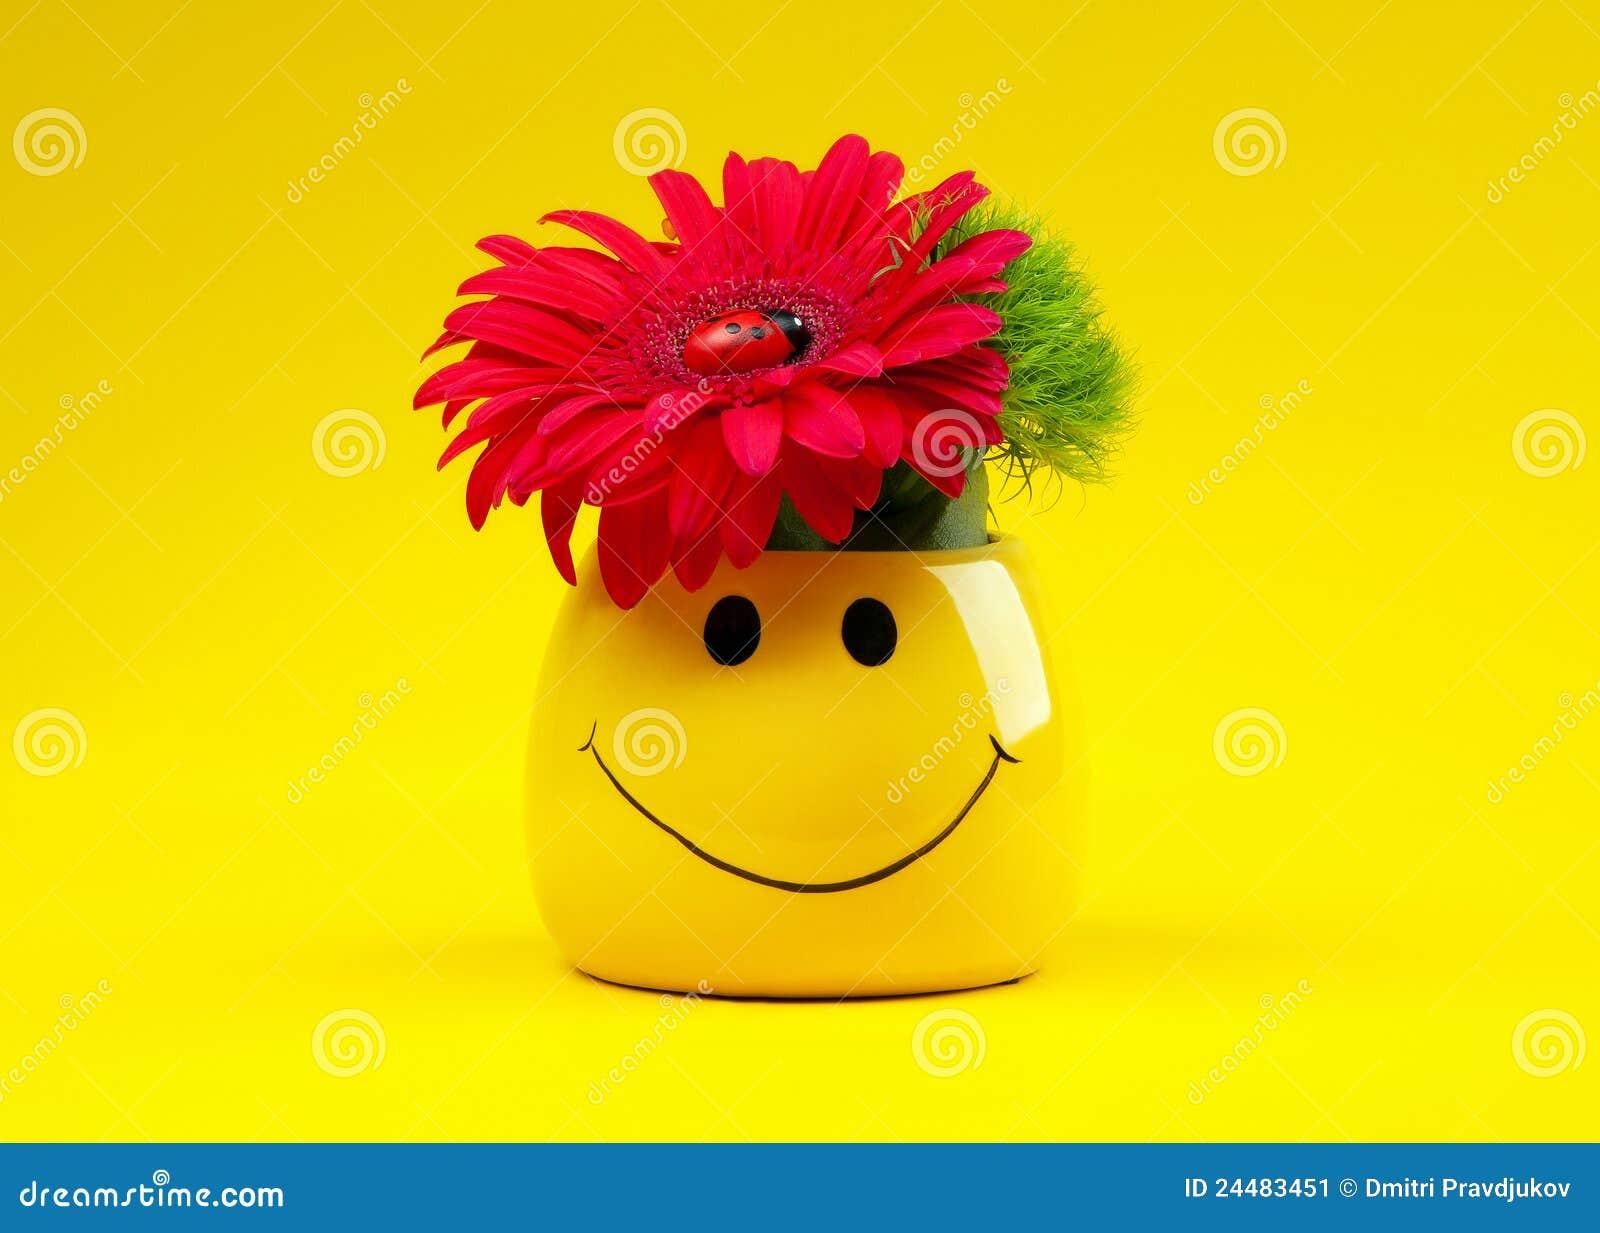 Mazzo Di Fiori Emoticon.Mazzo Di Fiori Immagine Stock Immagine Di Closeup Nave 24483451